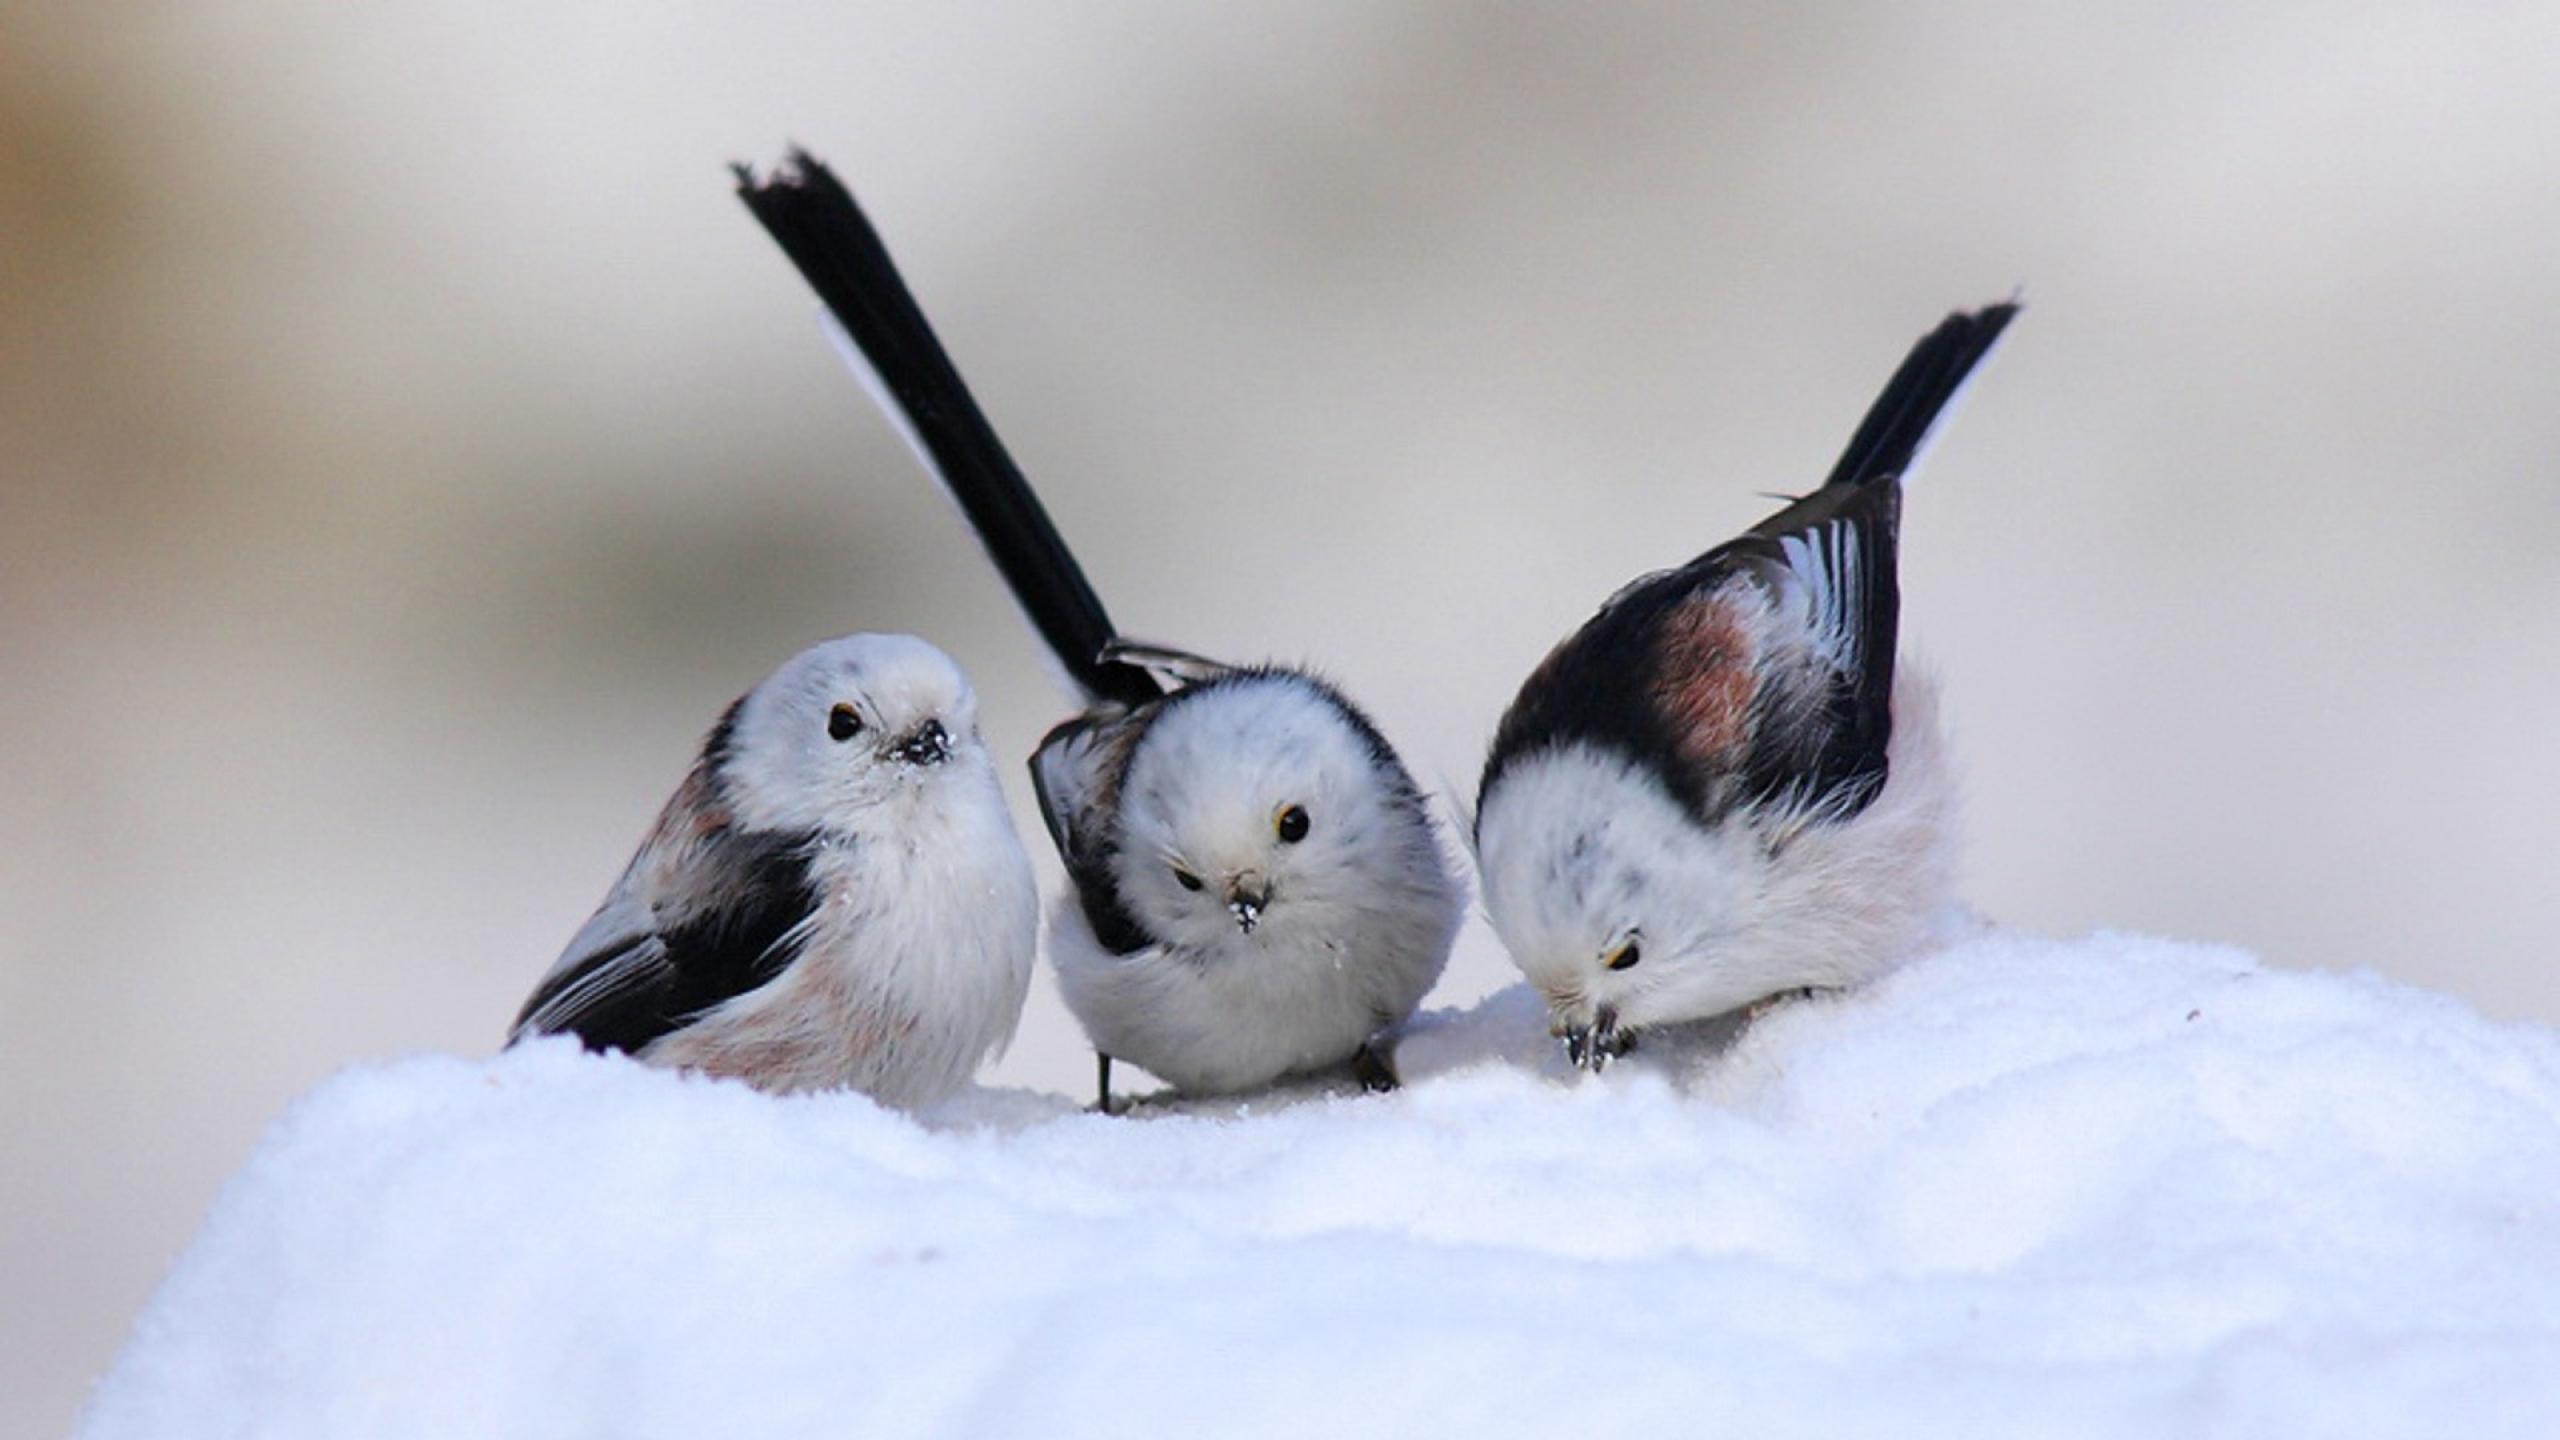 Cute Snow Bird Wallpaper 38526 1920x1200 px